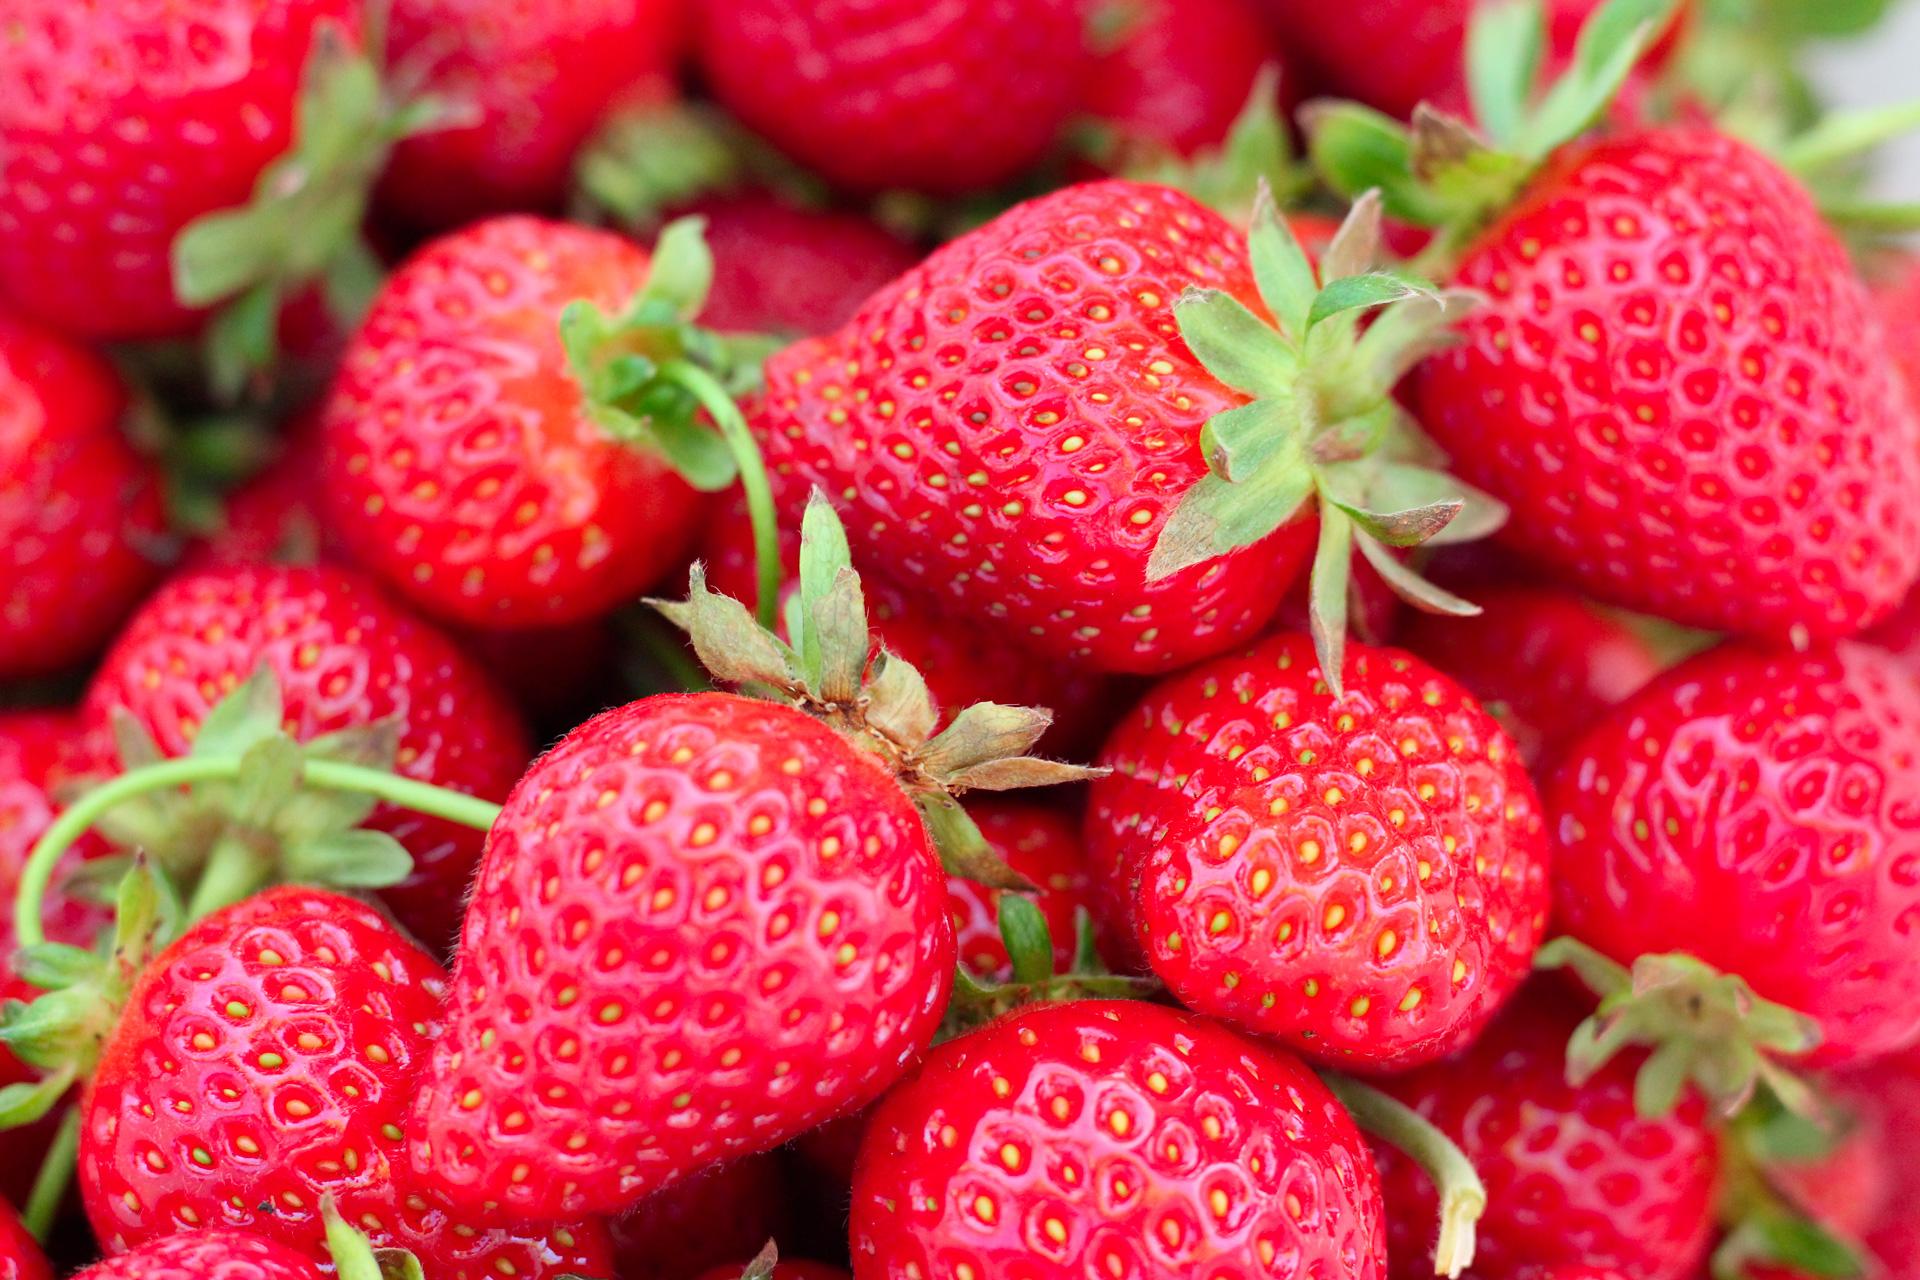 berries-close-up-colors-1125122.jpg